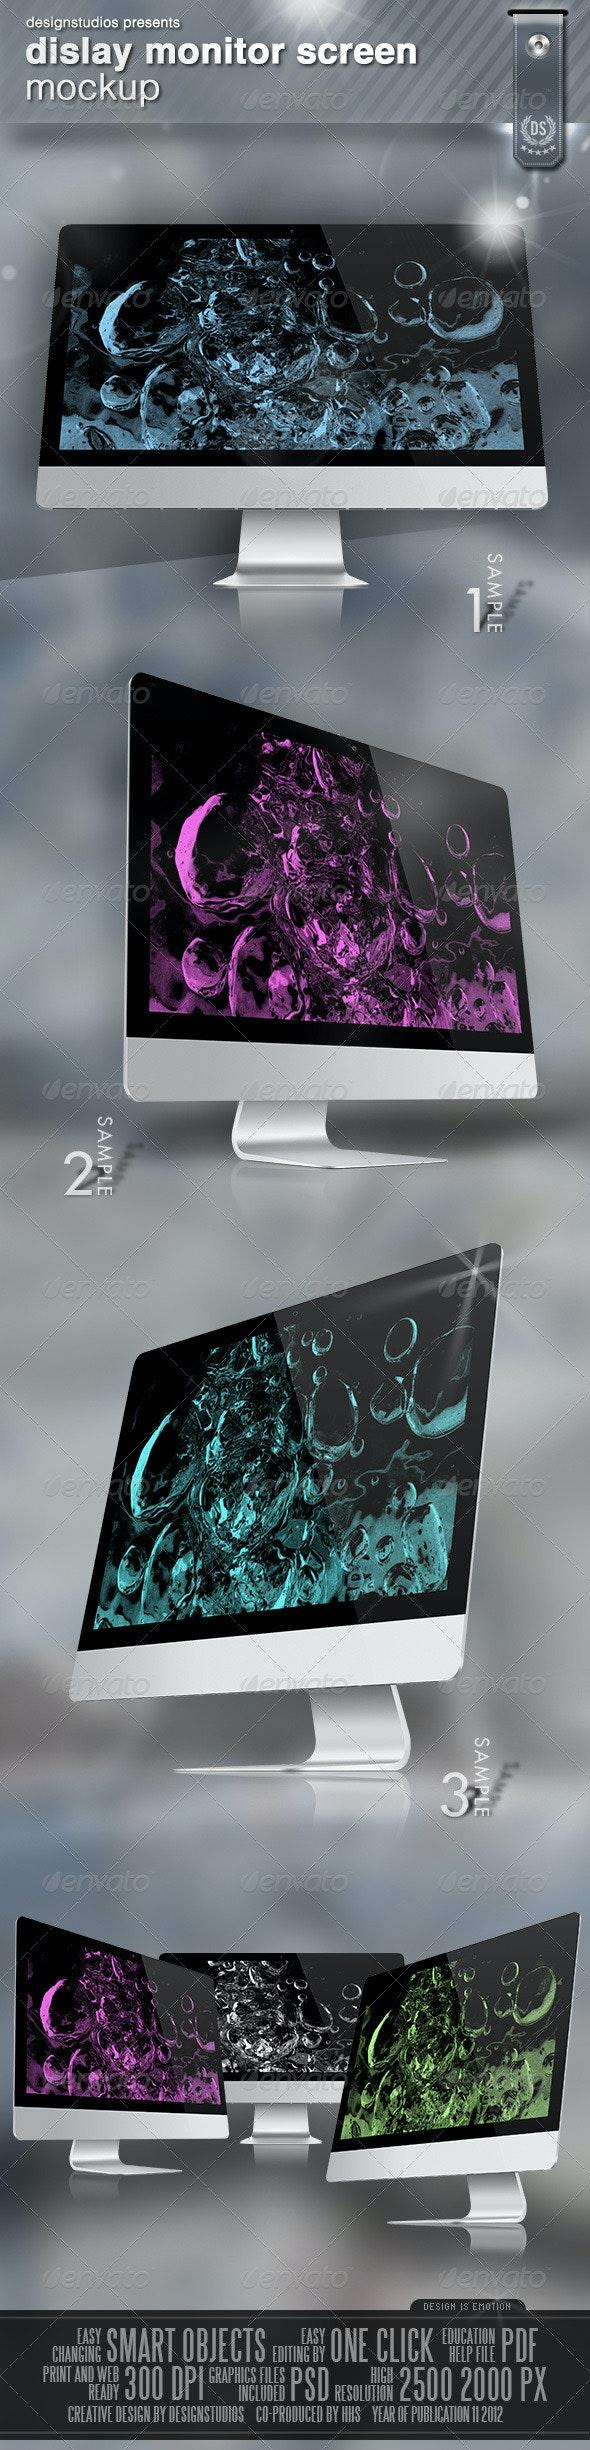 Dislay Monitor Screen Mock-Up - Monitors Displays